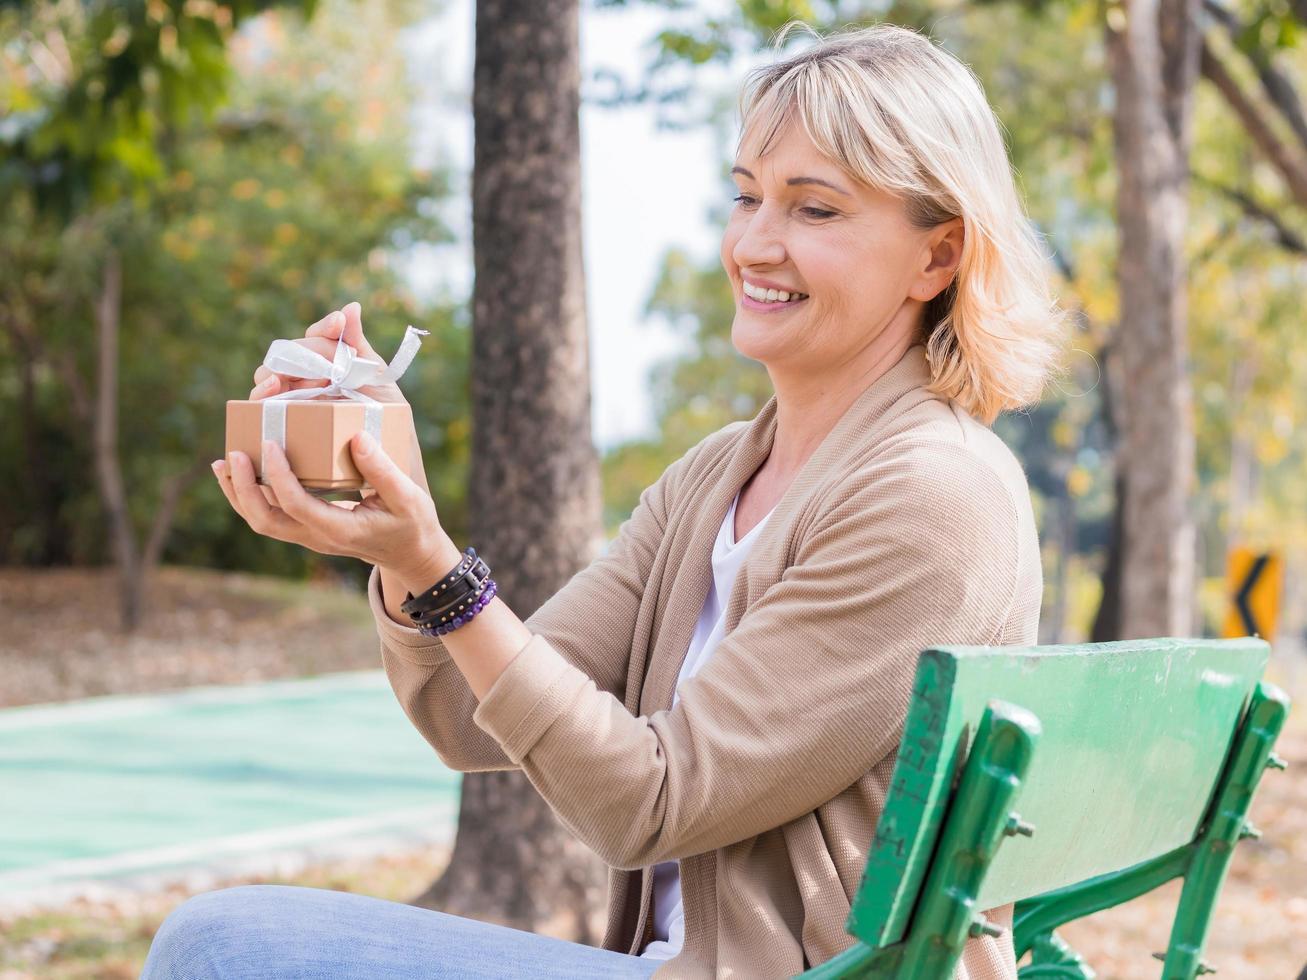 vrouw cadeau in een park openen foto